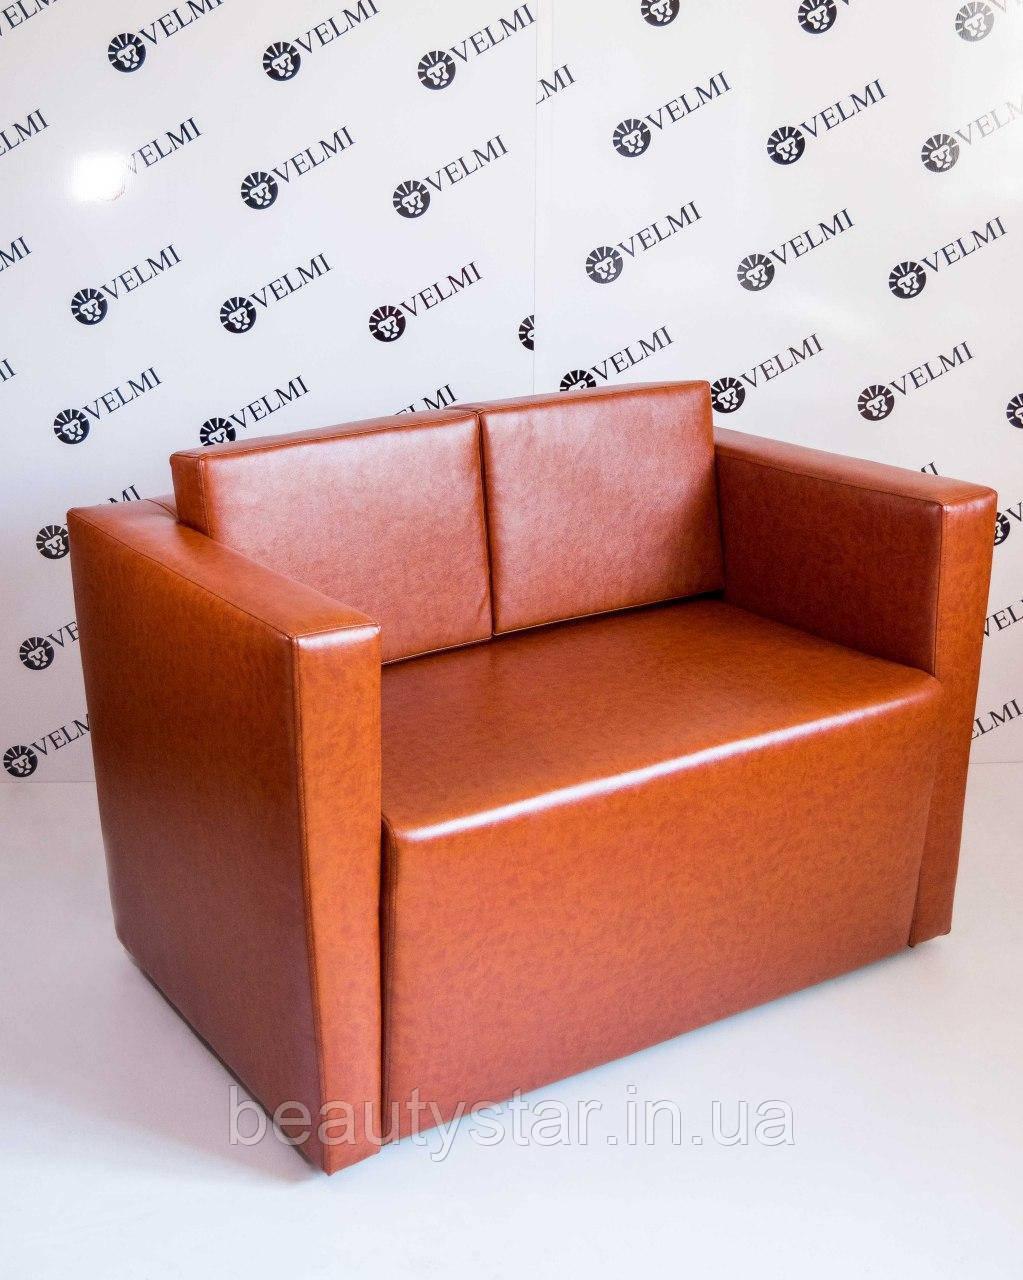 Диван для ожидания VM205 удобный диван для офиса для приемных прямые диваны: 140*65*85h